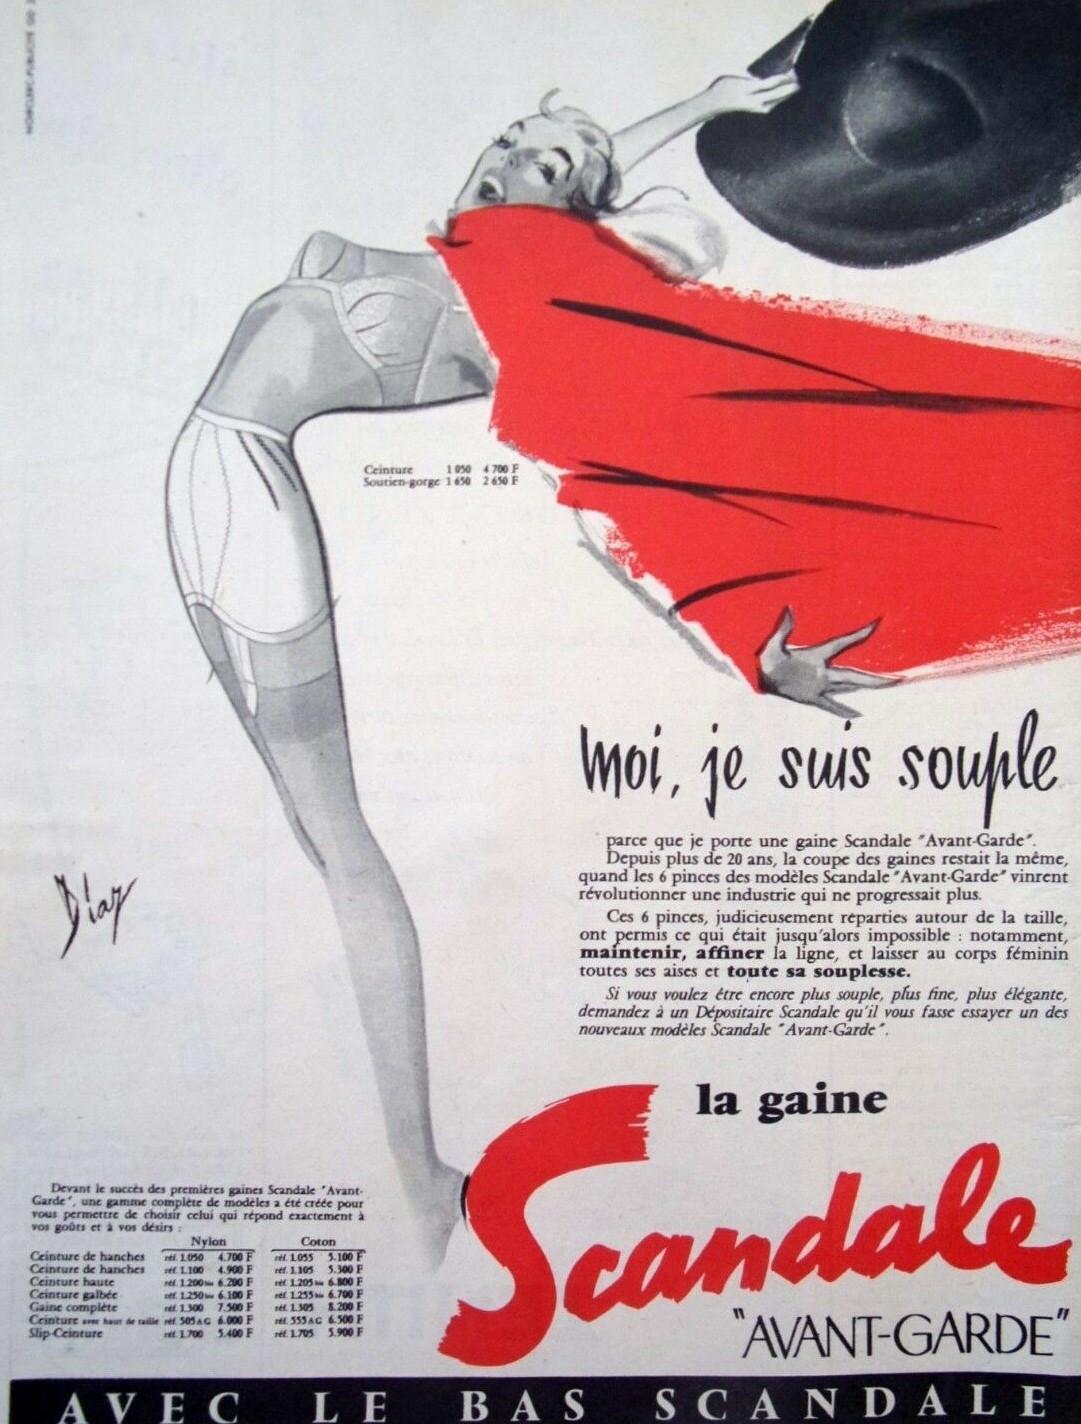 SCANDALE 1956 Diaz la gaine avant-garde C3 Moi je suis souple